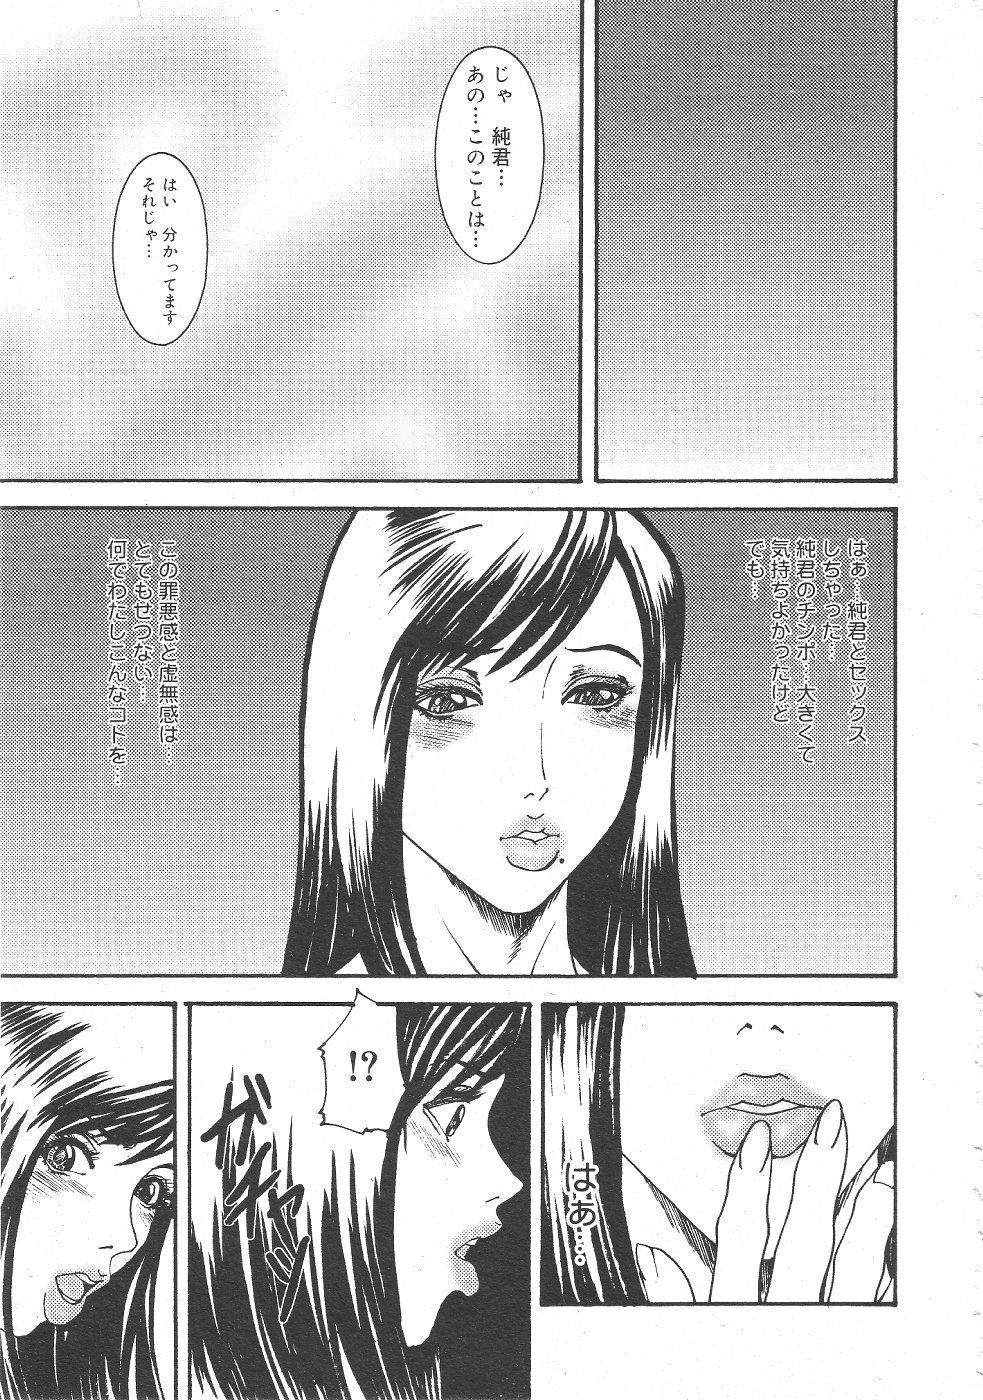 Gekkan Comic Muga 2004-06 Vol.10 356